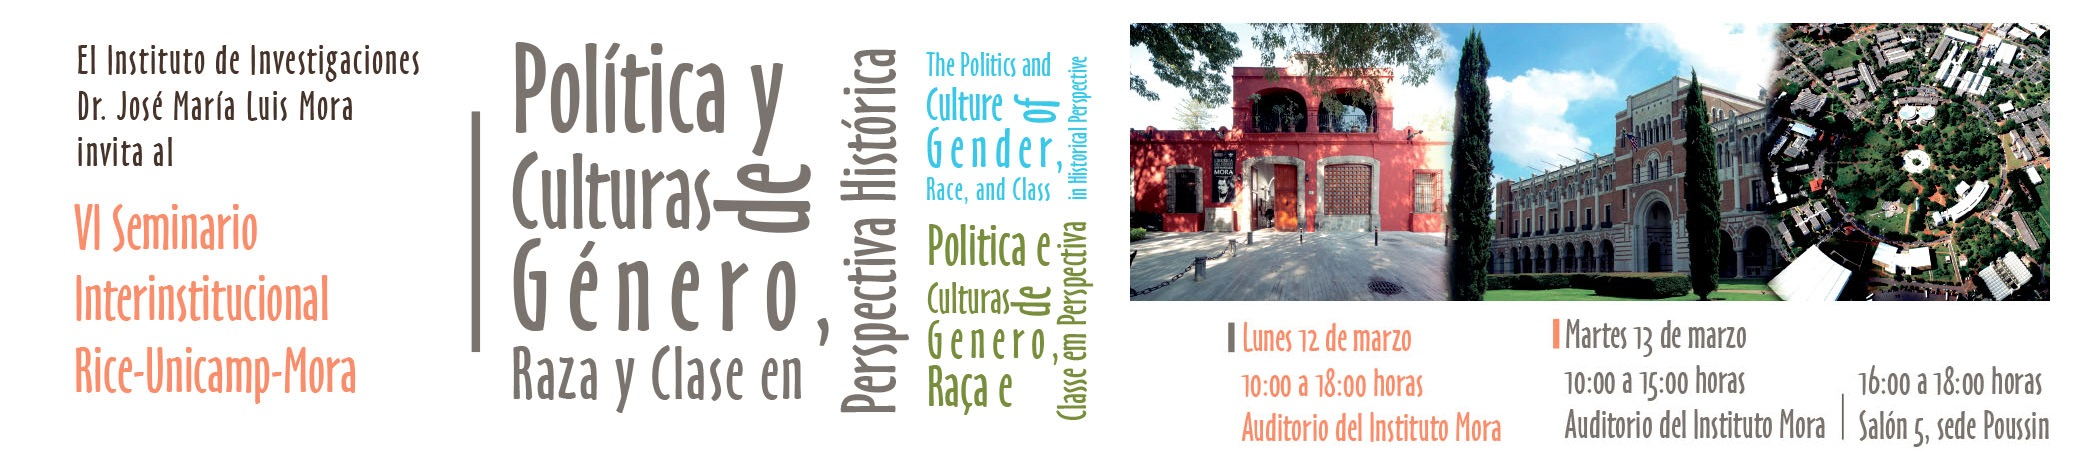 VI Seminario Interinstitucional Rice-Unicamp-Mora